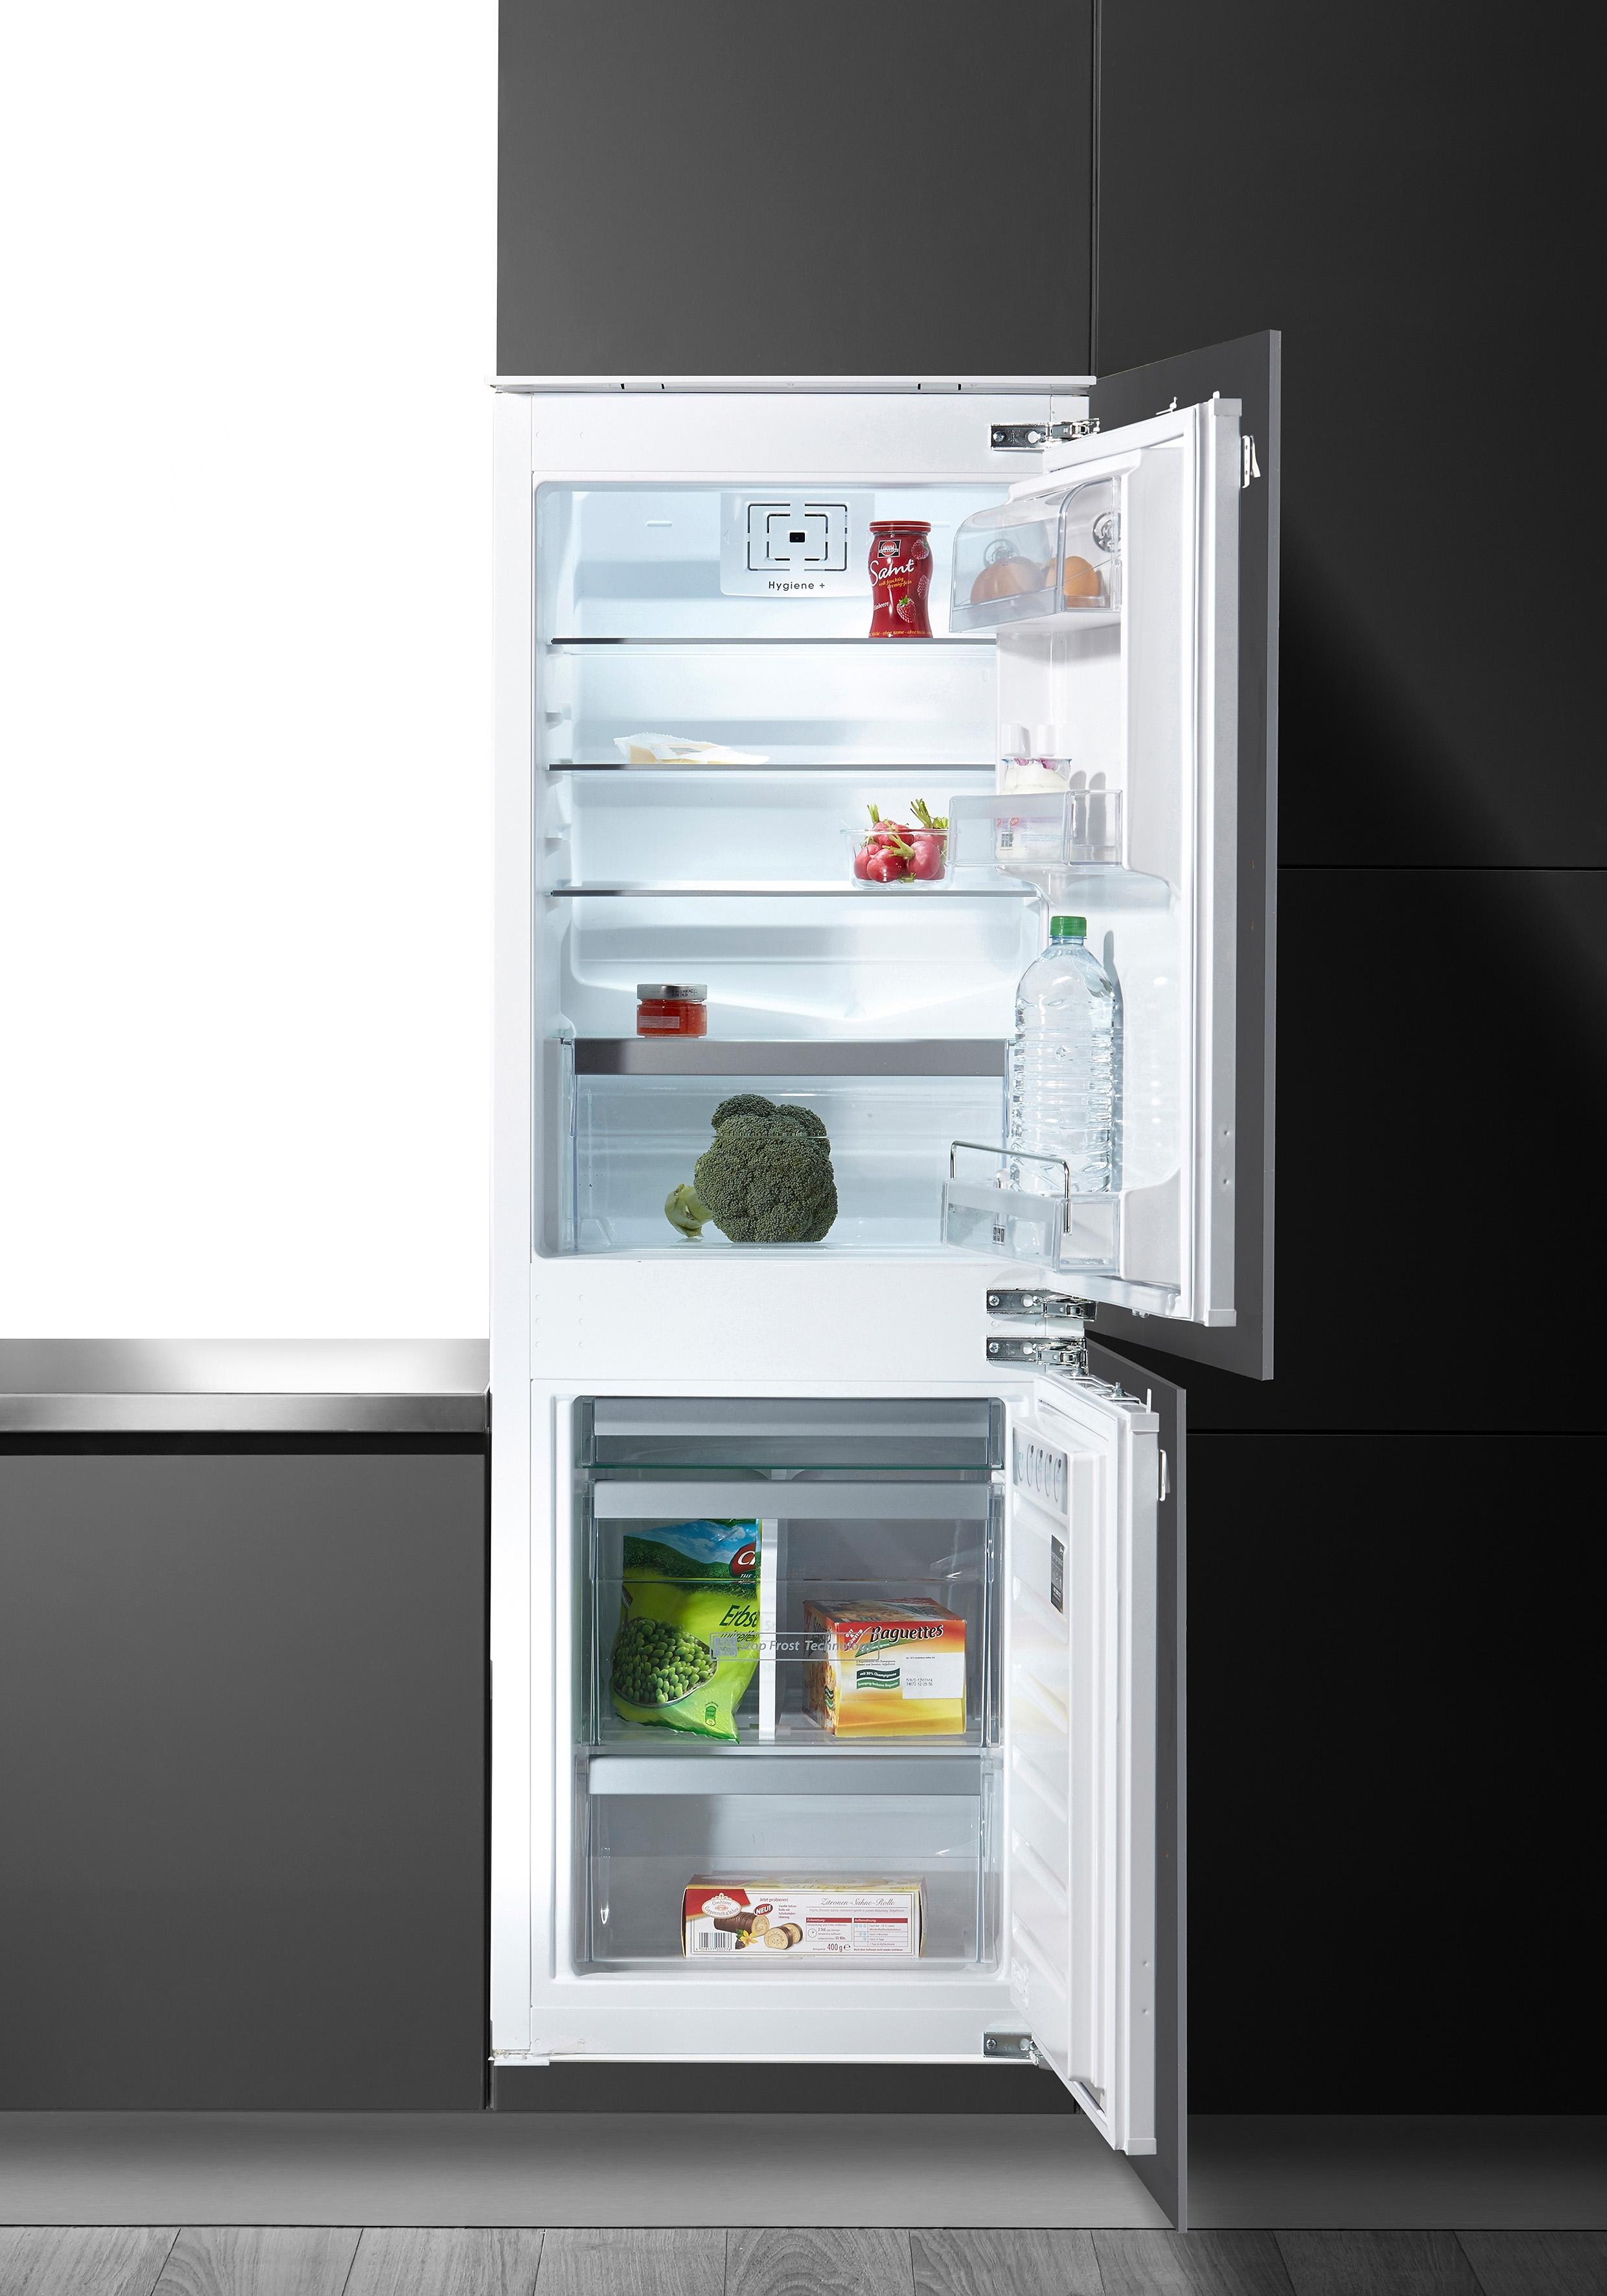 Bauknecht inbouw koel-vriescombinatie KGIE 2164, A++, 158 cm hoog nu online kopen bij OTTO